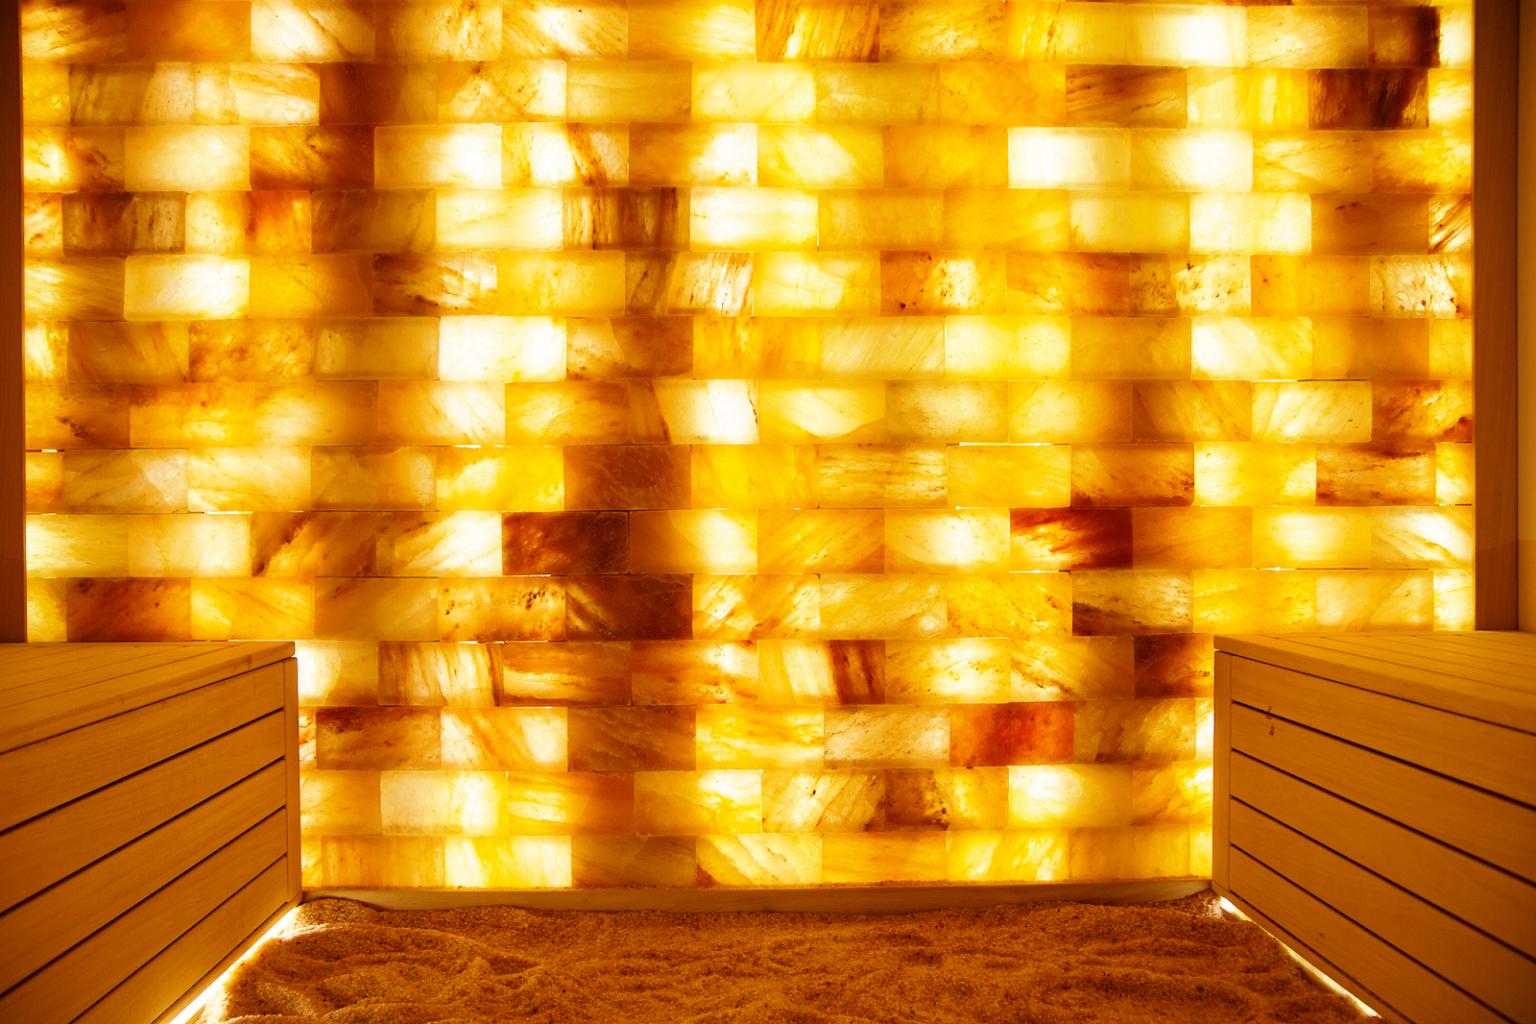 Die Salzsteine in der Grotte sorgen nicht nur für gute Luft, sondern auch harmonische Lichteffekte